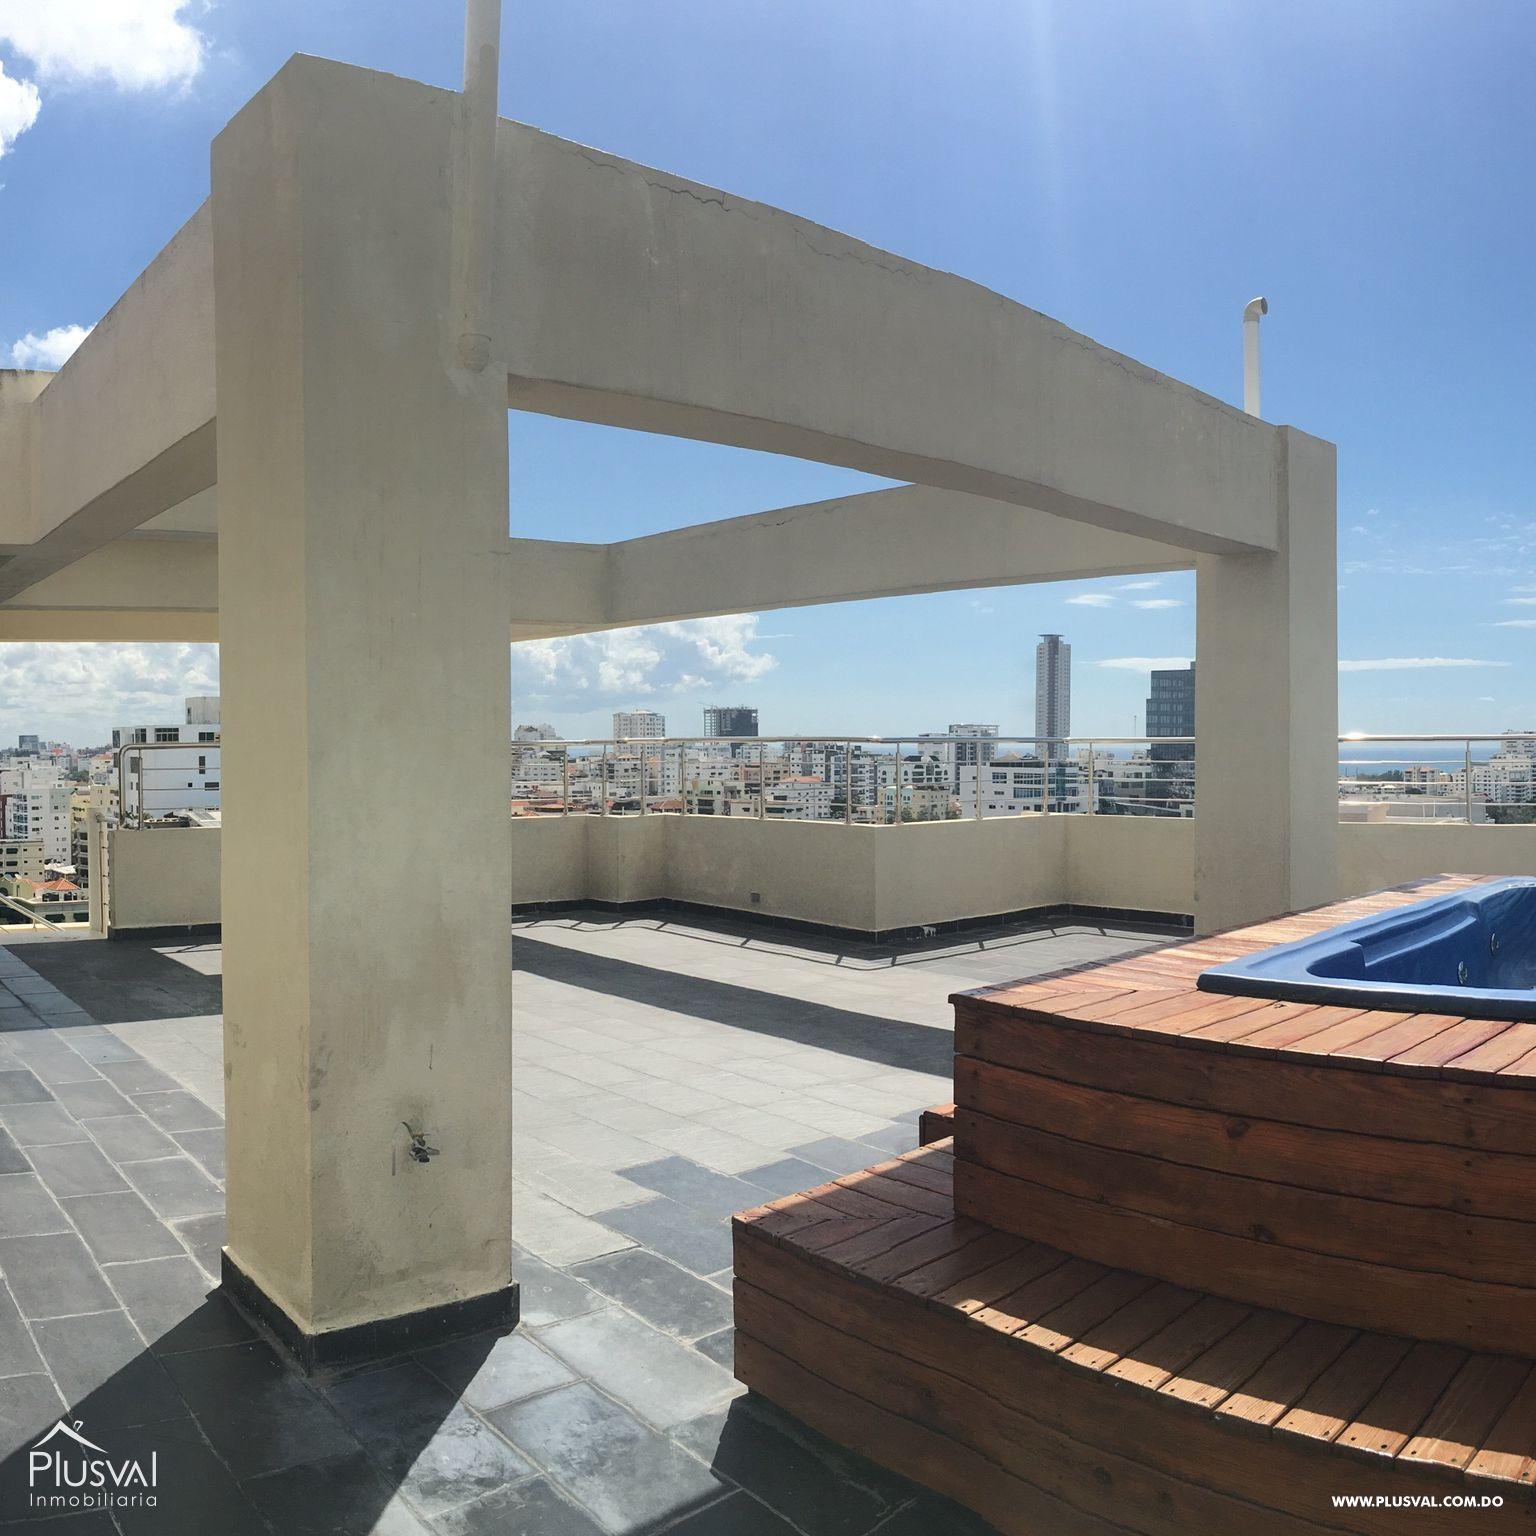 Penthouse en venta, Mirador Norte 169515